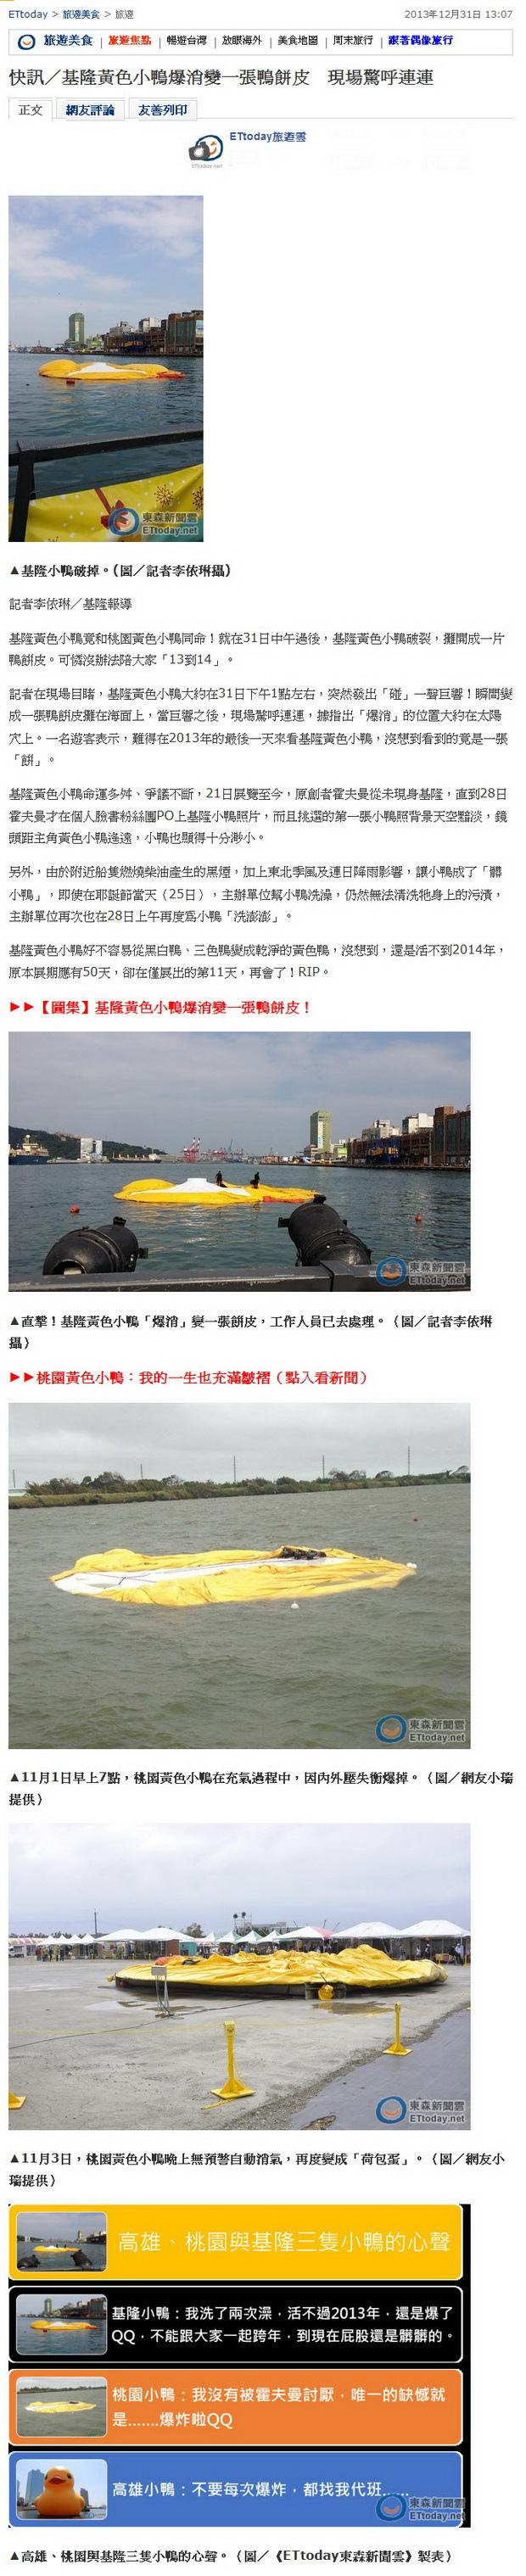 基隆黃色小鴨爆消變一張鴨餅皮 現場驚呼連連 -2013.12.31.jpg